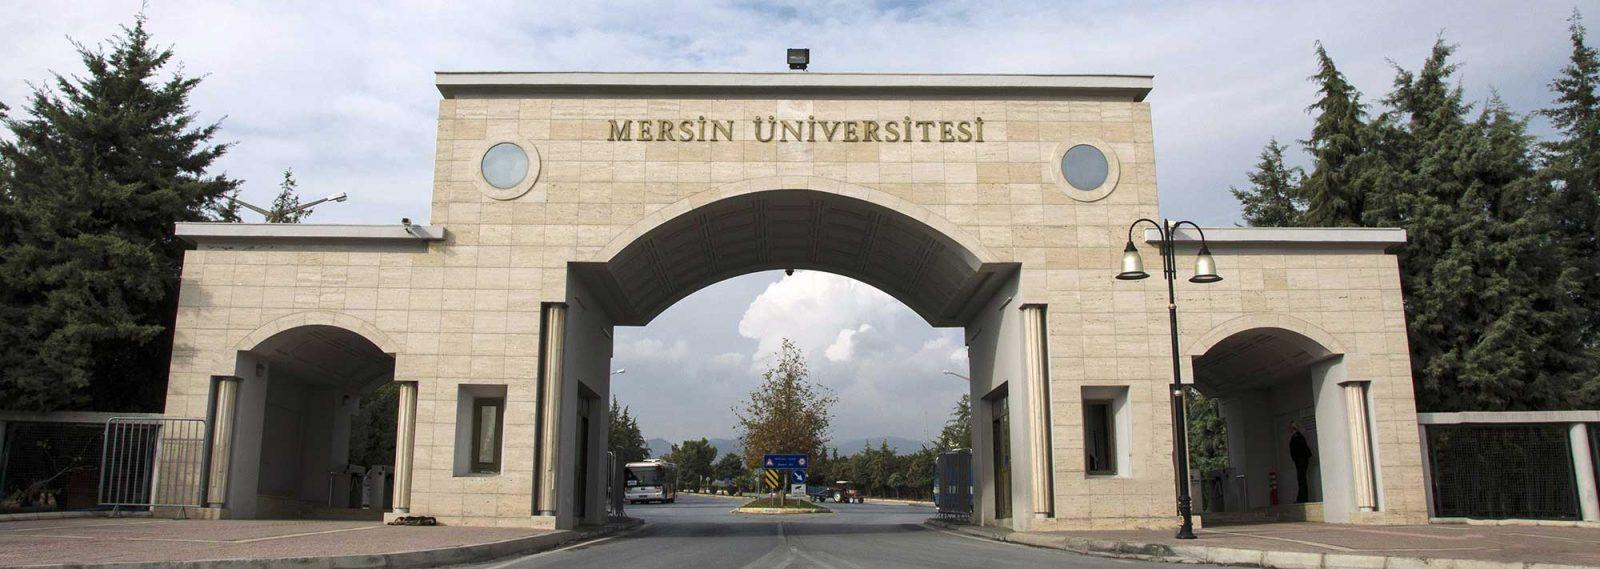 دانشگاه مرسین